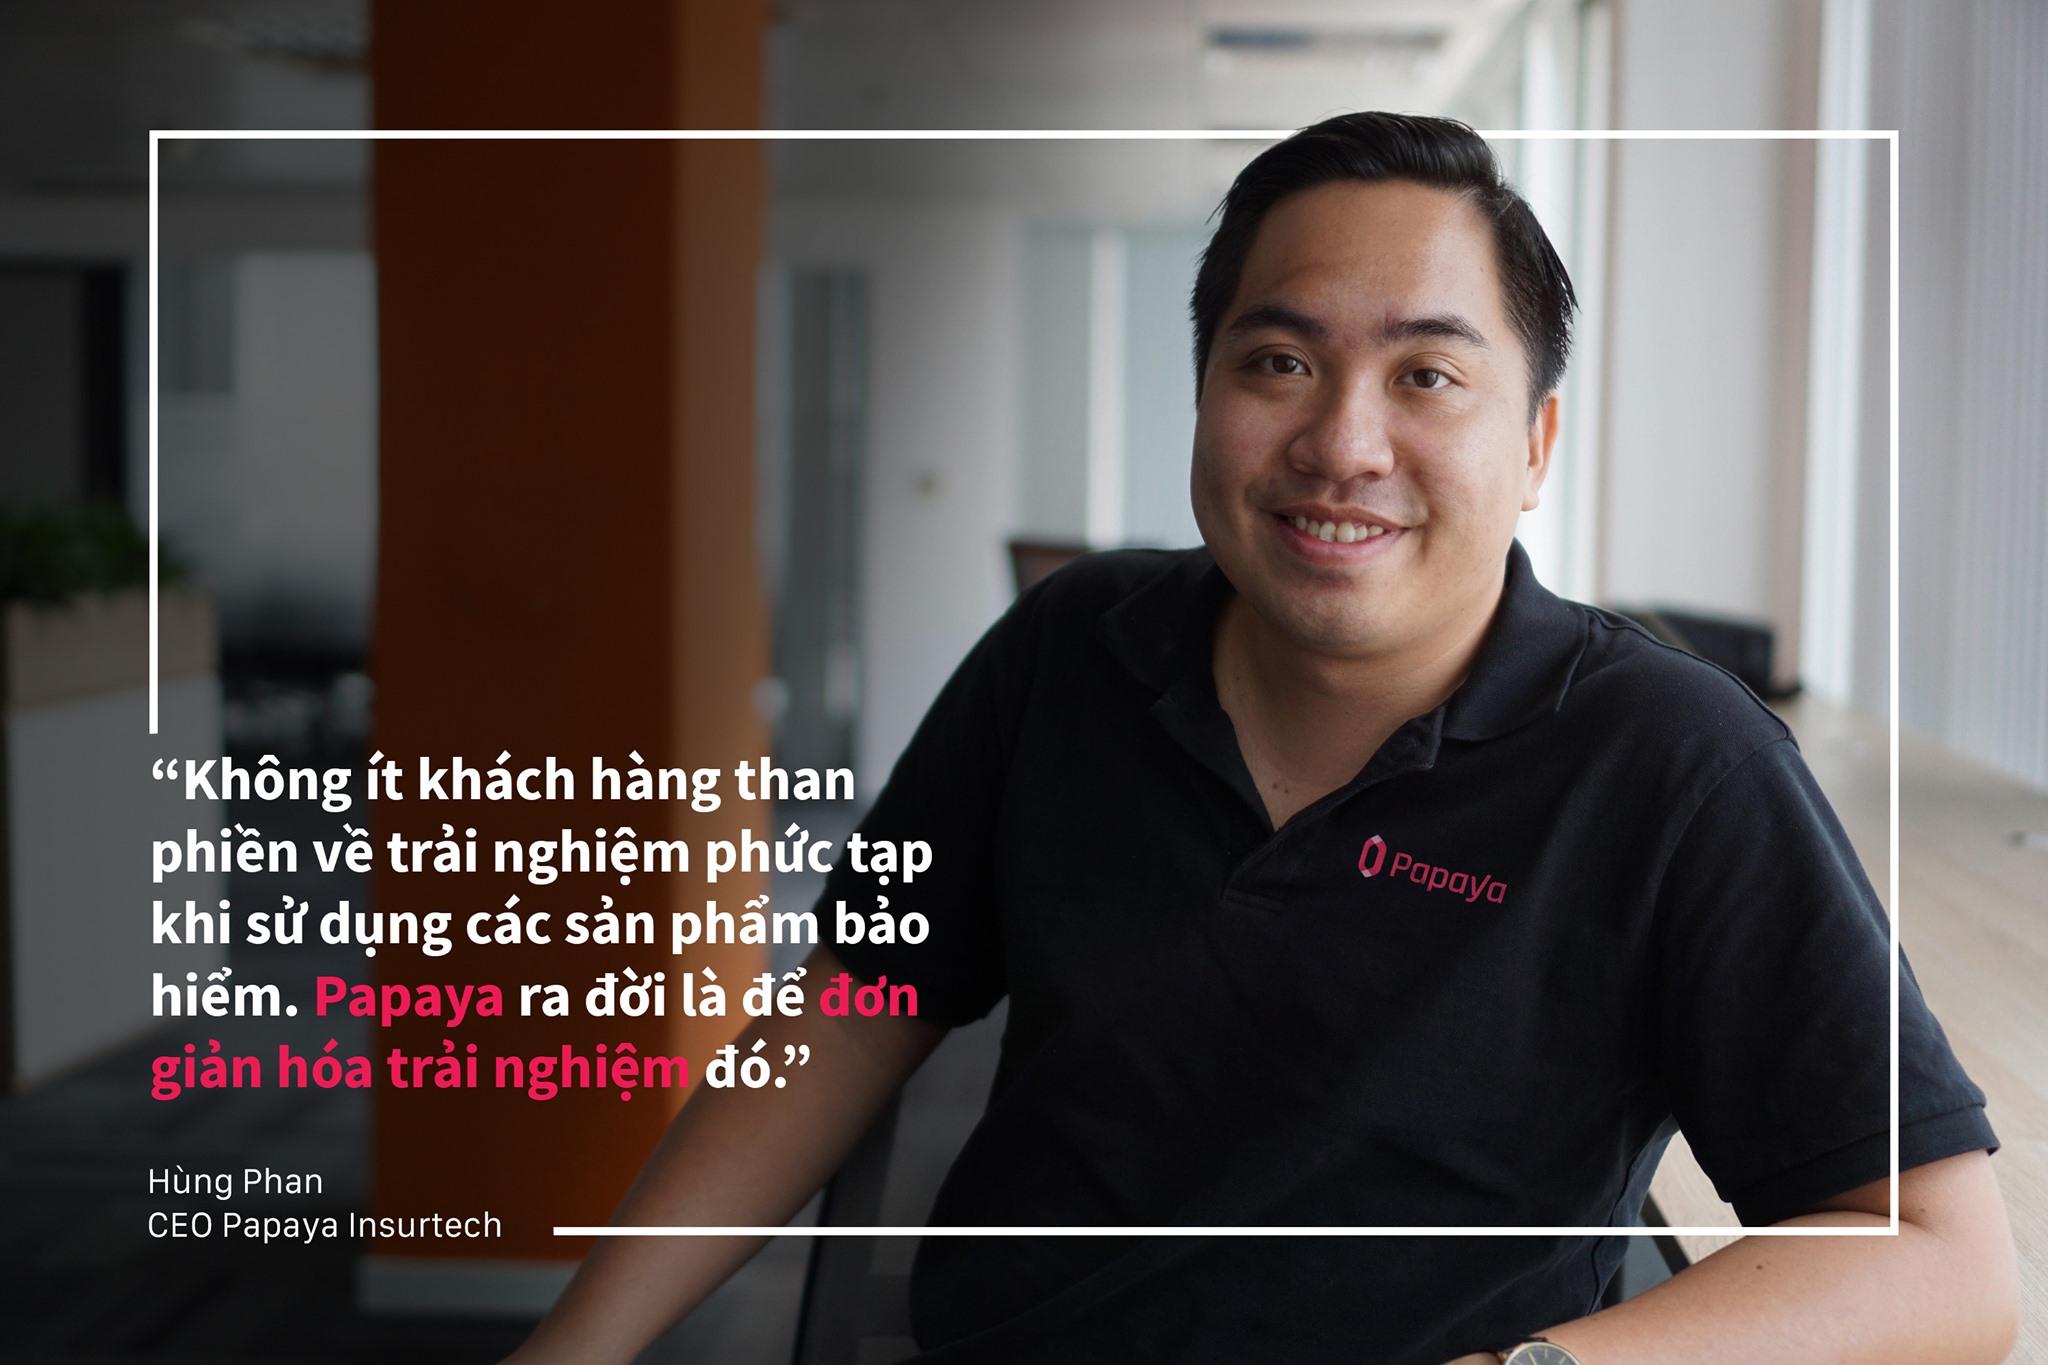 Jobs at Papaya Insurtech